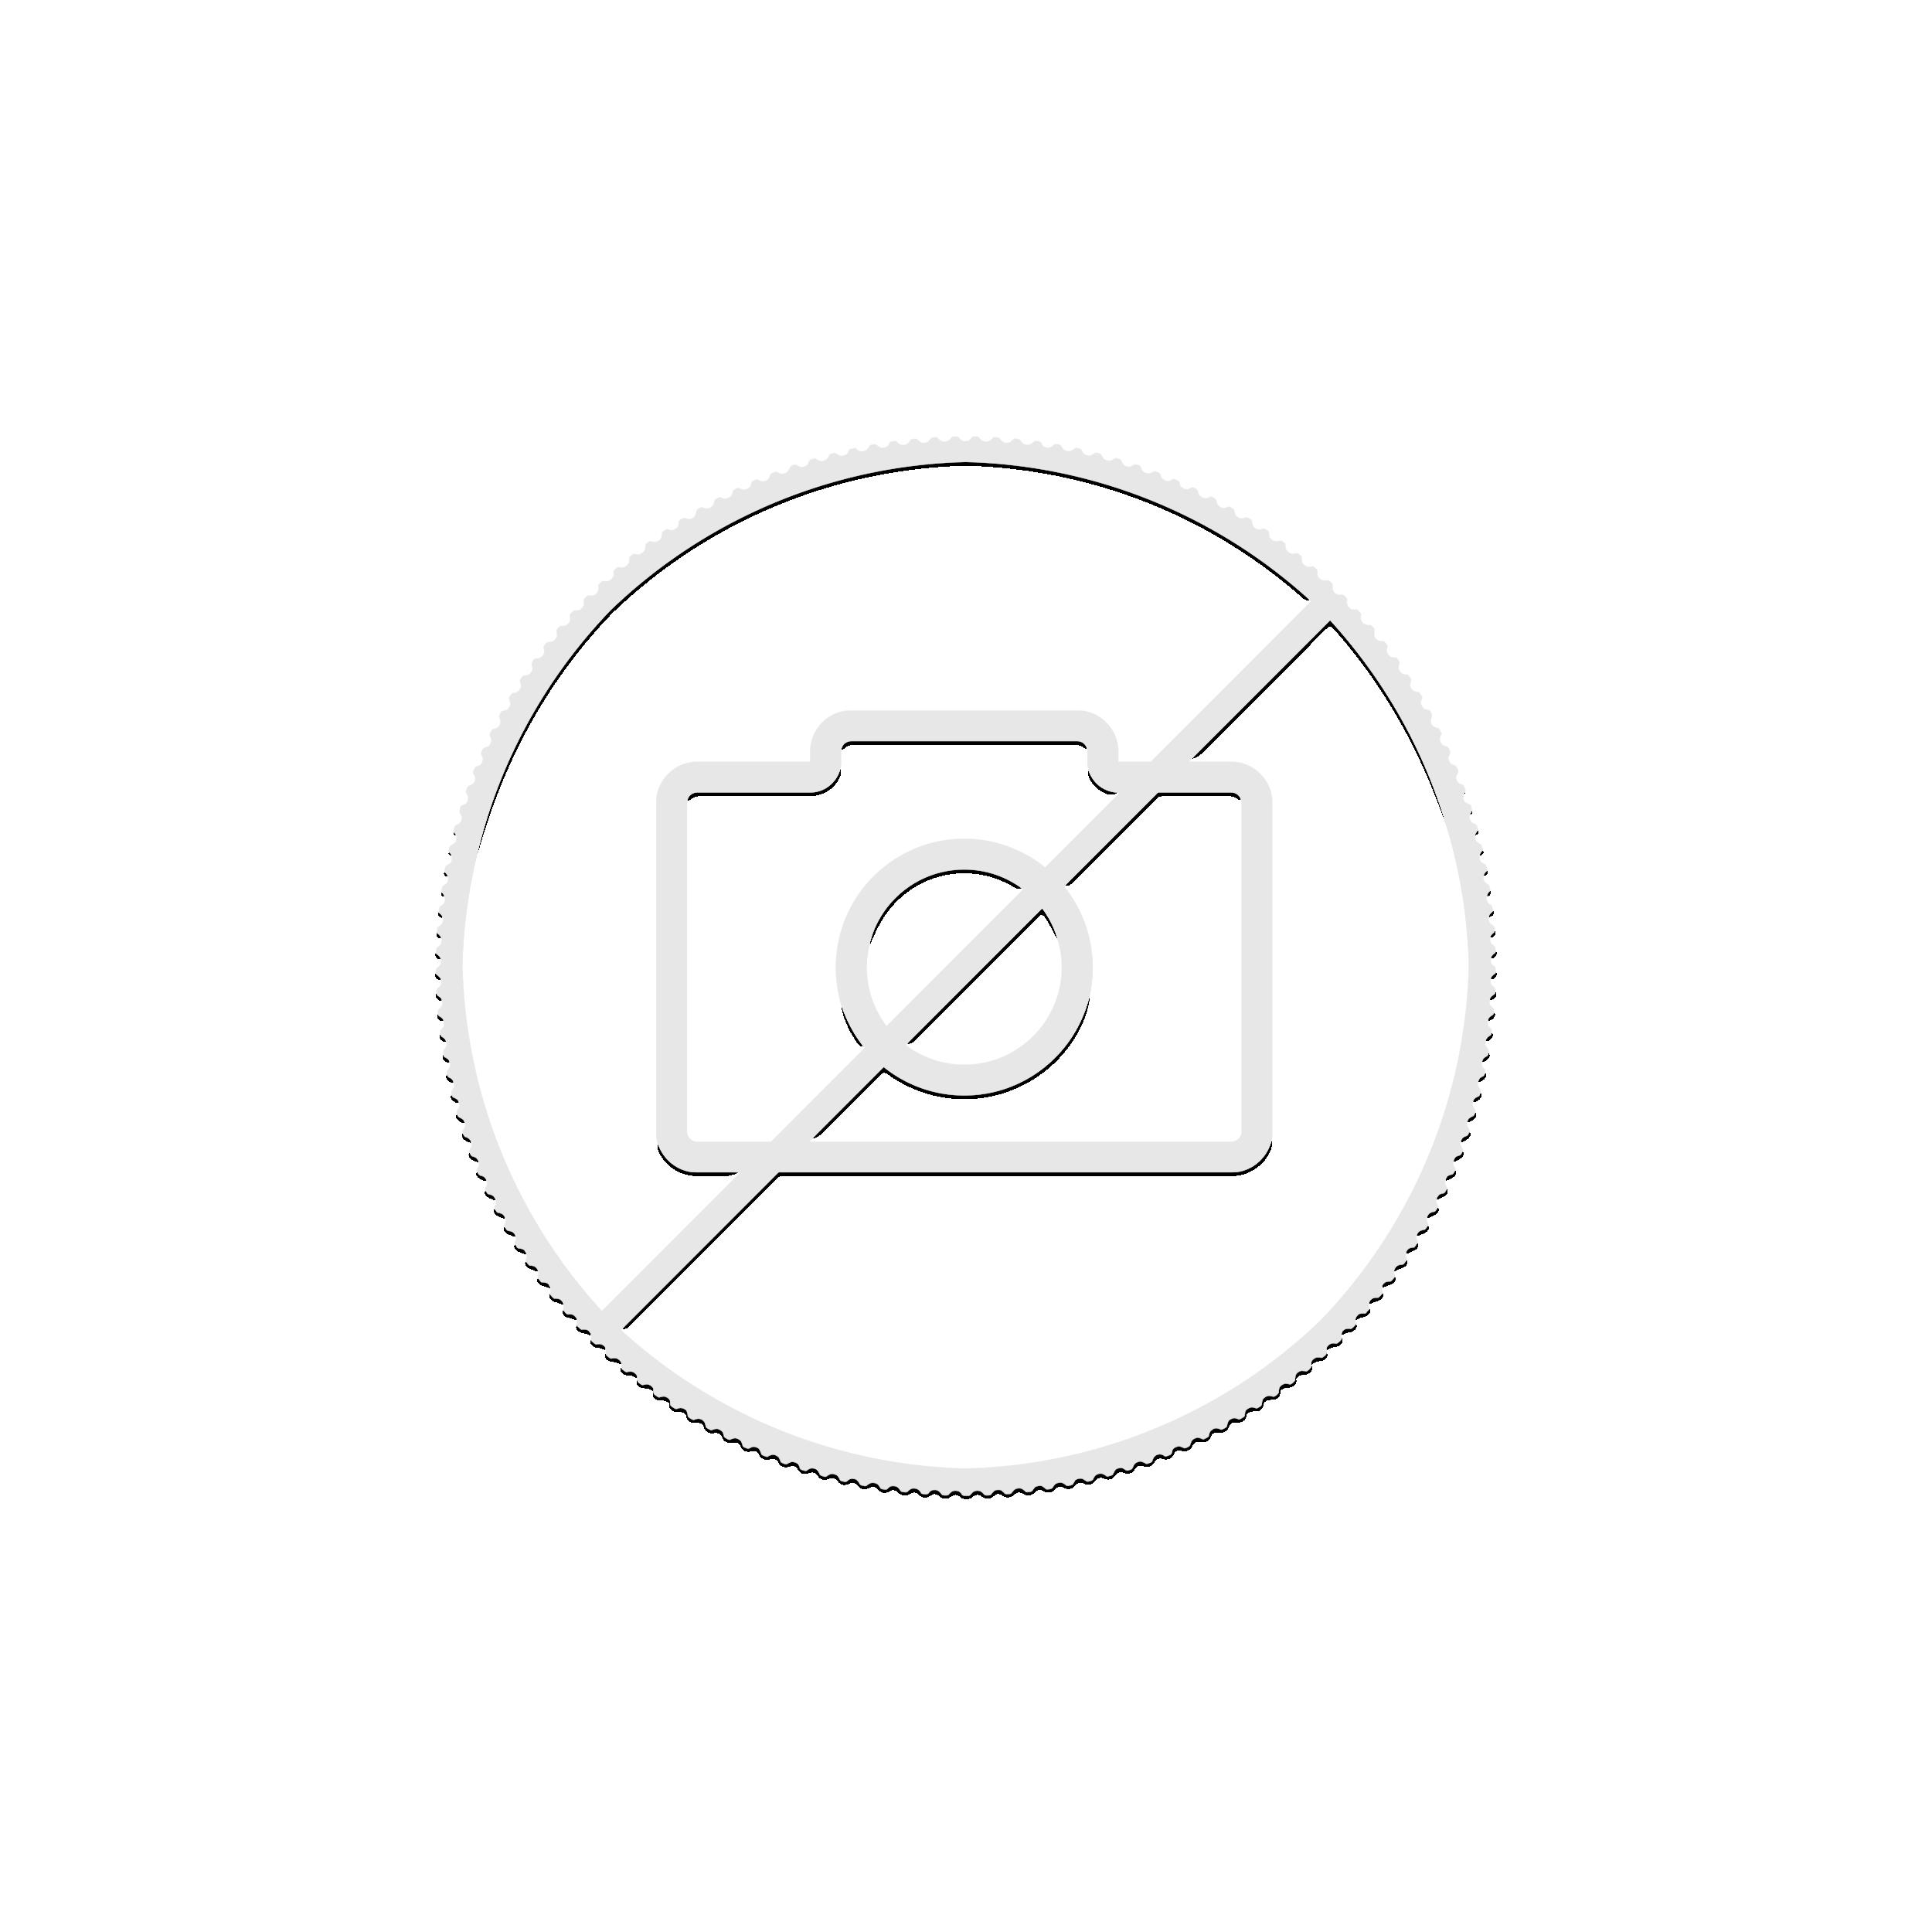 Goudbaar 1 troy ounce Umicore met certificaat